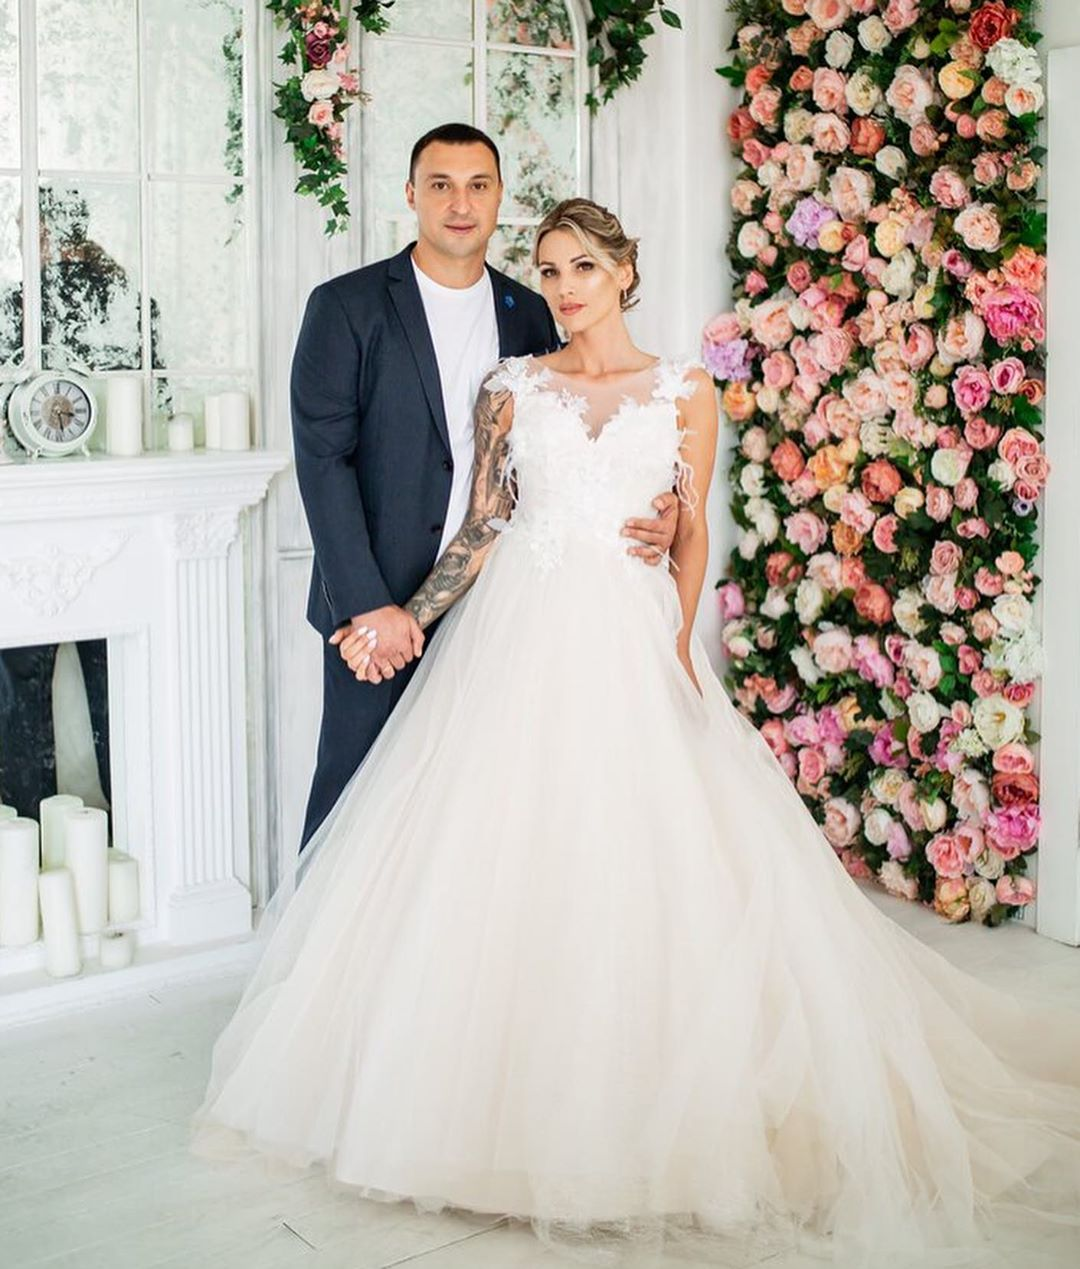 В чем выходили замуж наши девушки летом-2019? Лучшие фасоны, оттенки, вуали (а еще можно рассмотреть женихов)